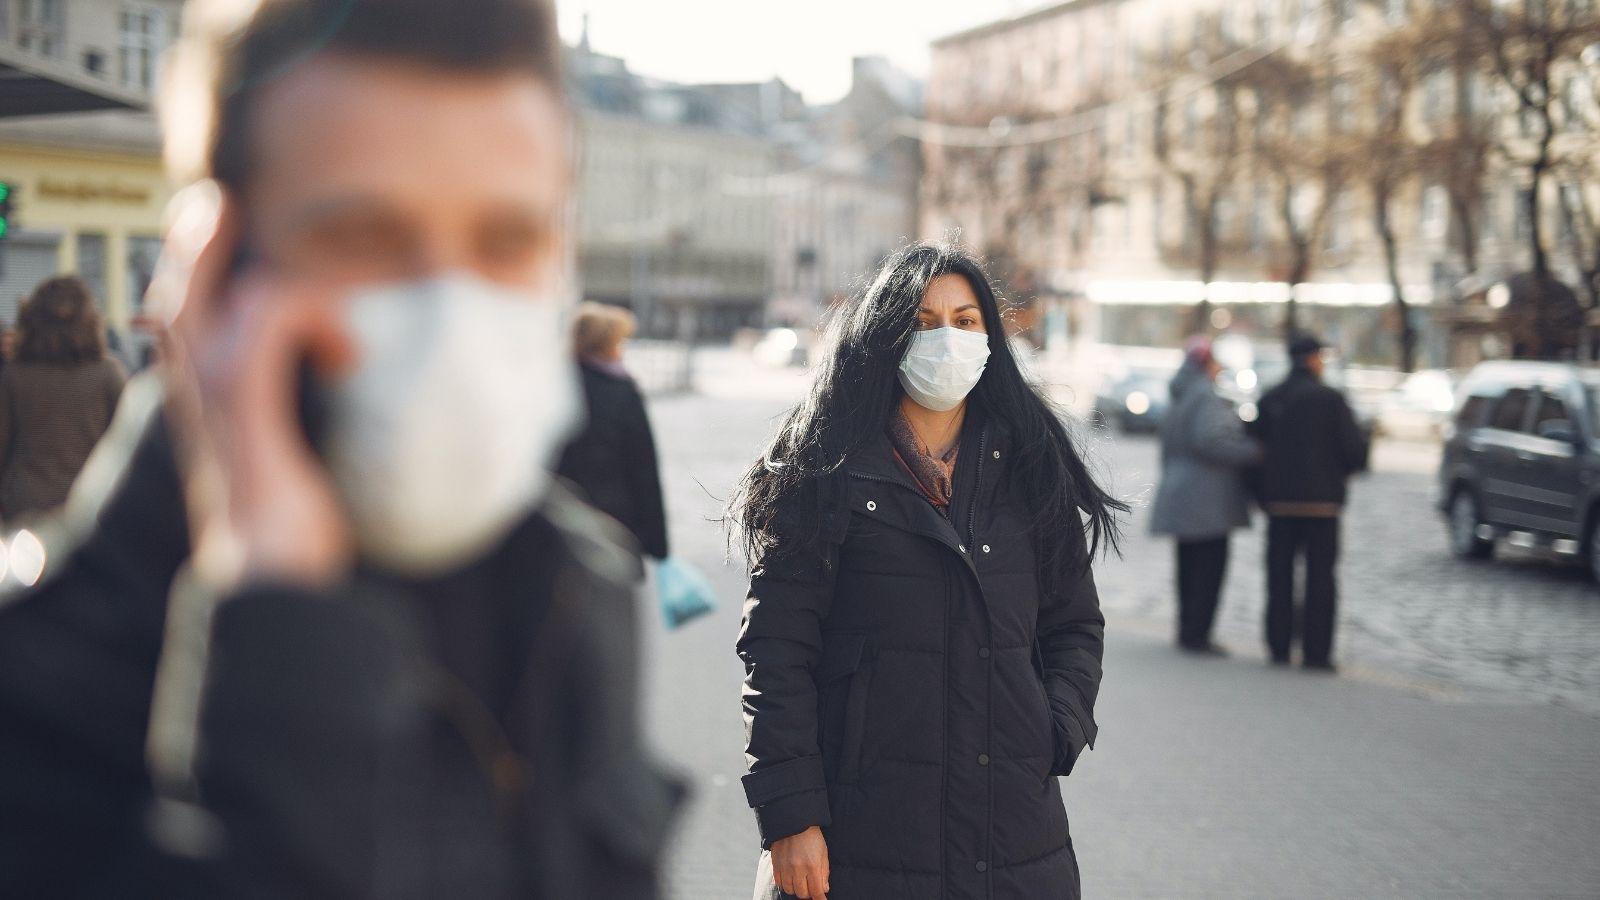 Obawy Polaków związane z pandemią zmniejszają się! [RAPORT] Deloitte mediarun coronavirus